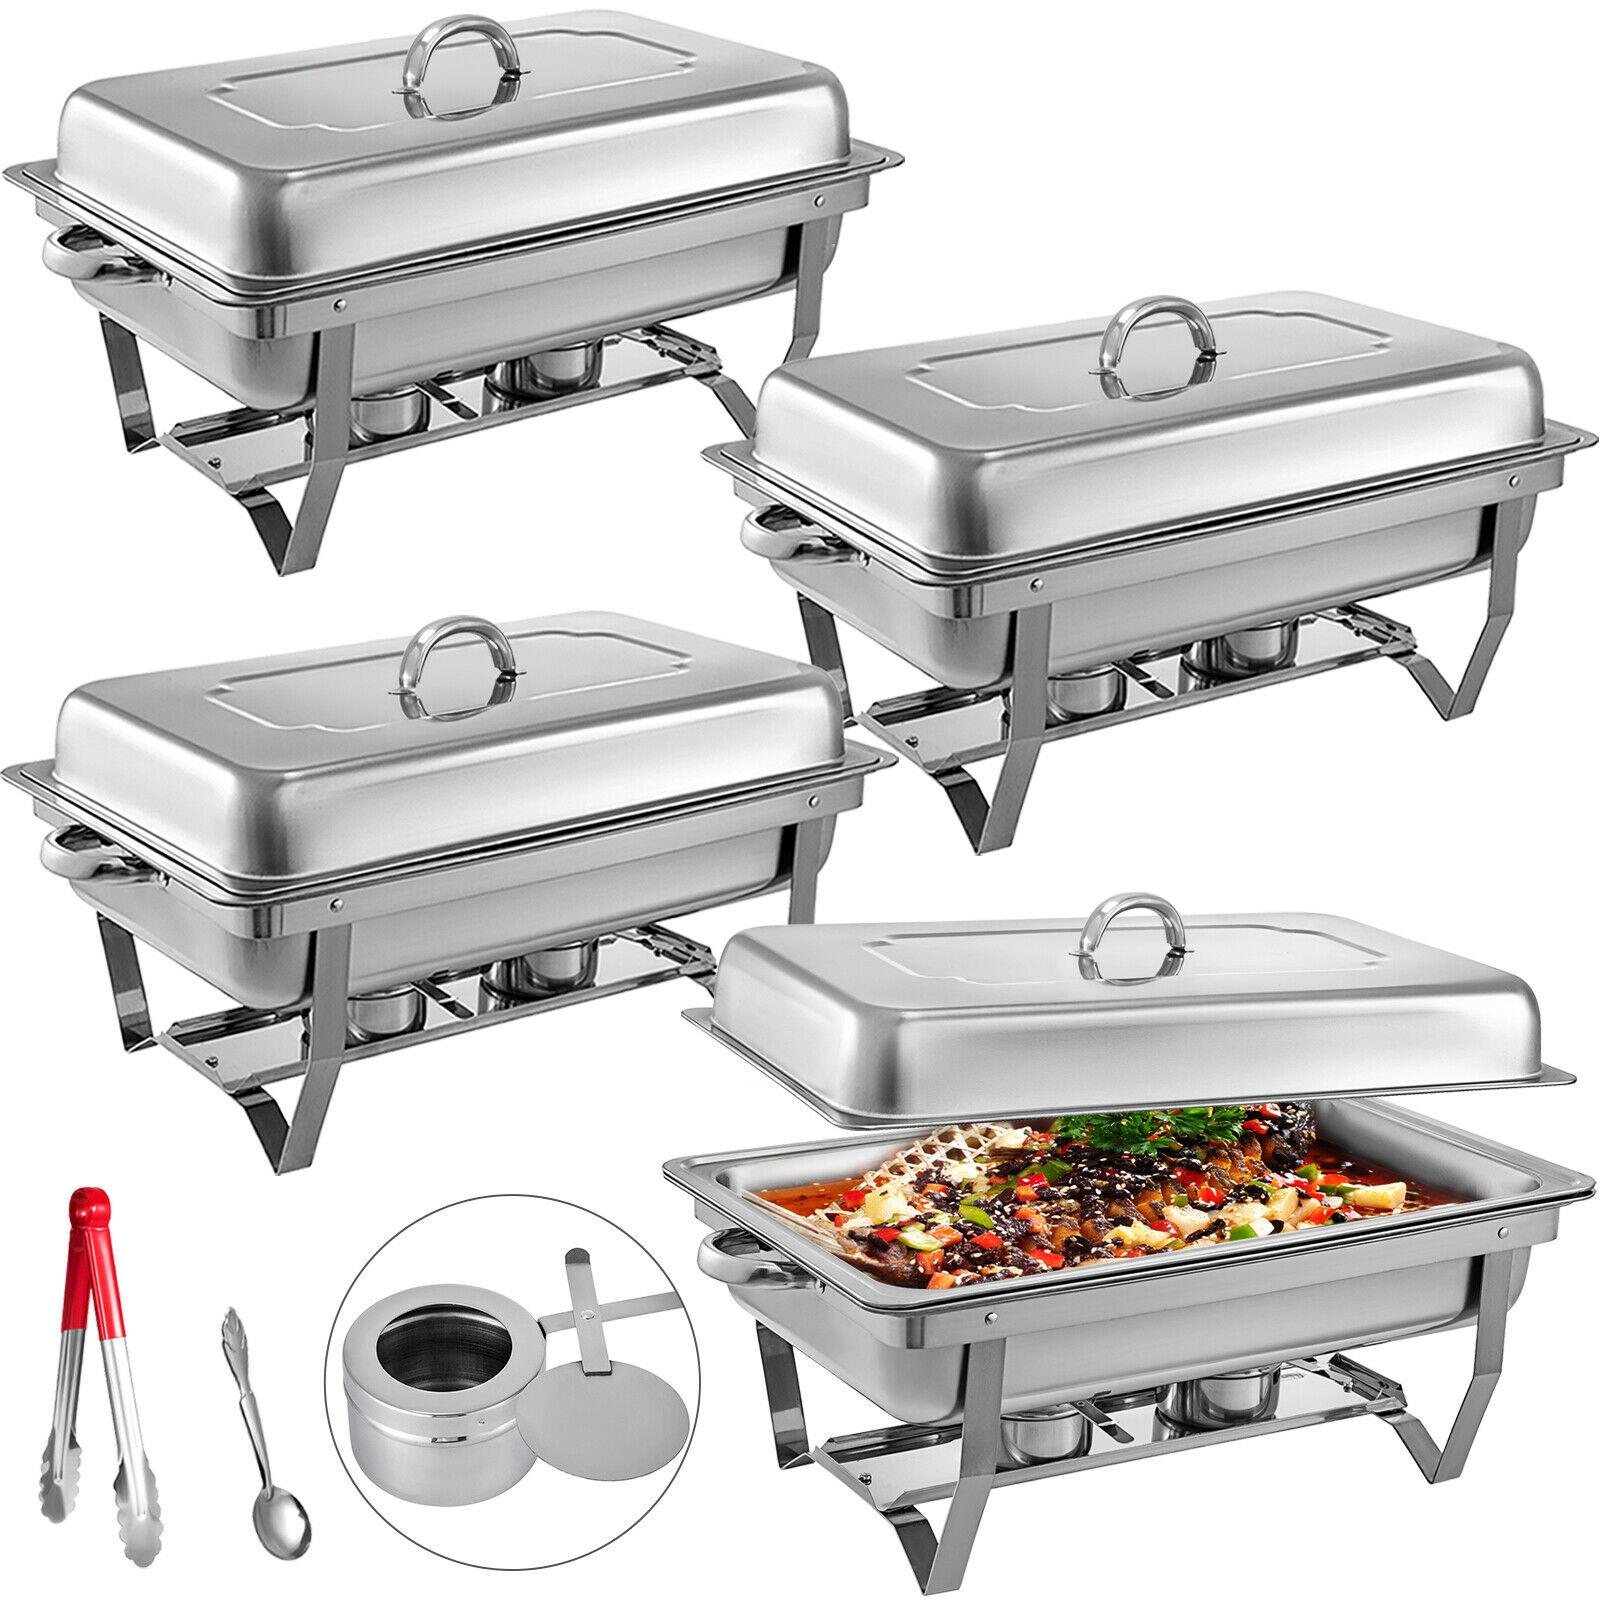 سخان أطباق من الفولاذ المقاوم للصدأ ، 4 عبوات ، 8 لترات ، حجم كامل ، للبوفيه بإطار قابل للطي